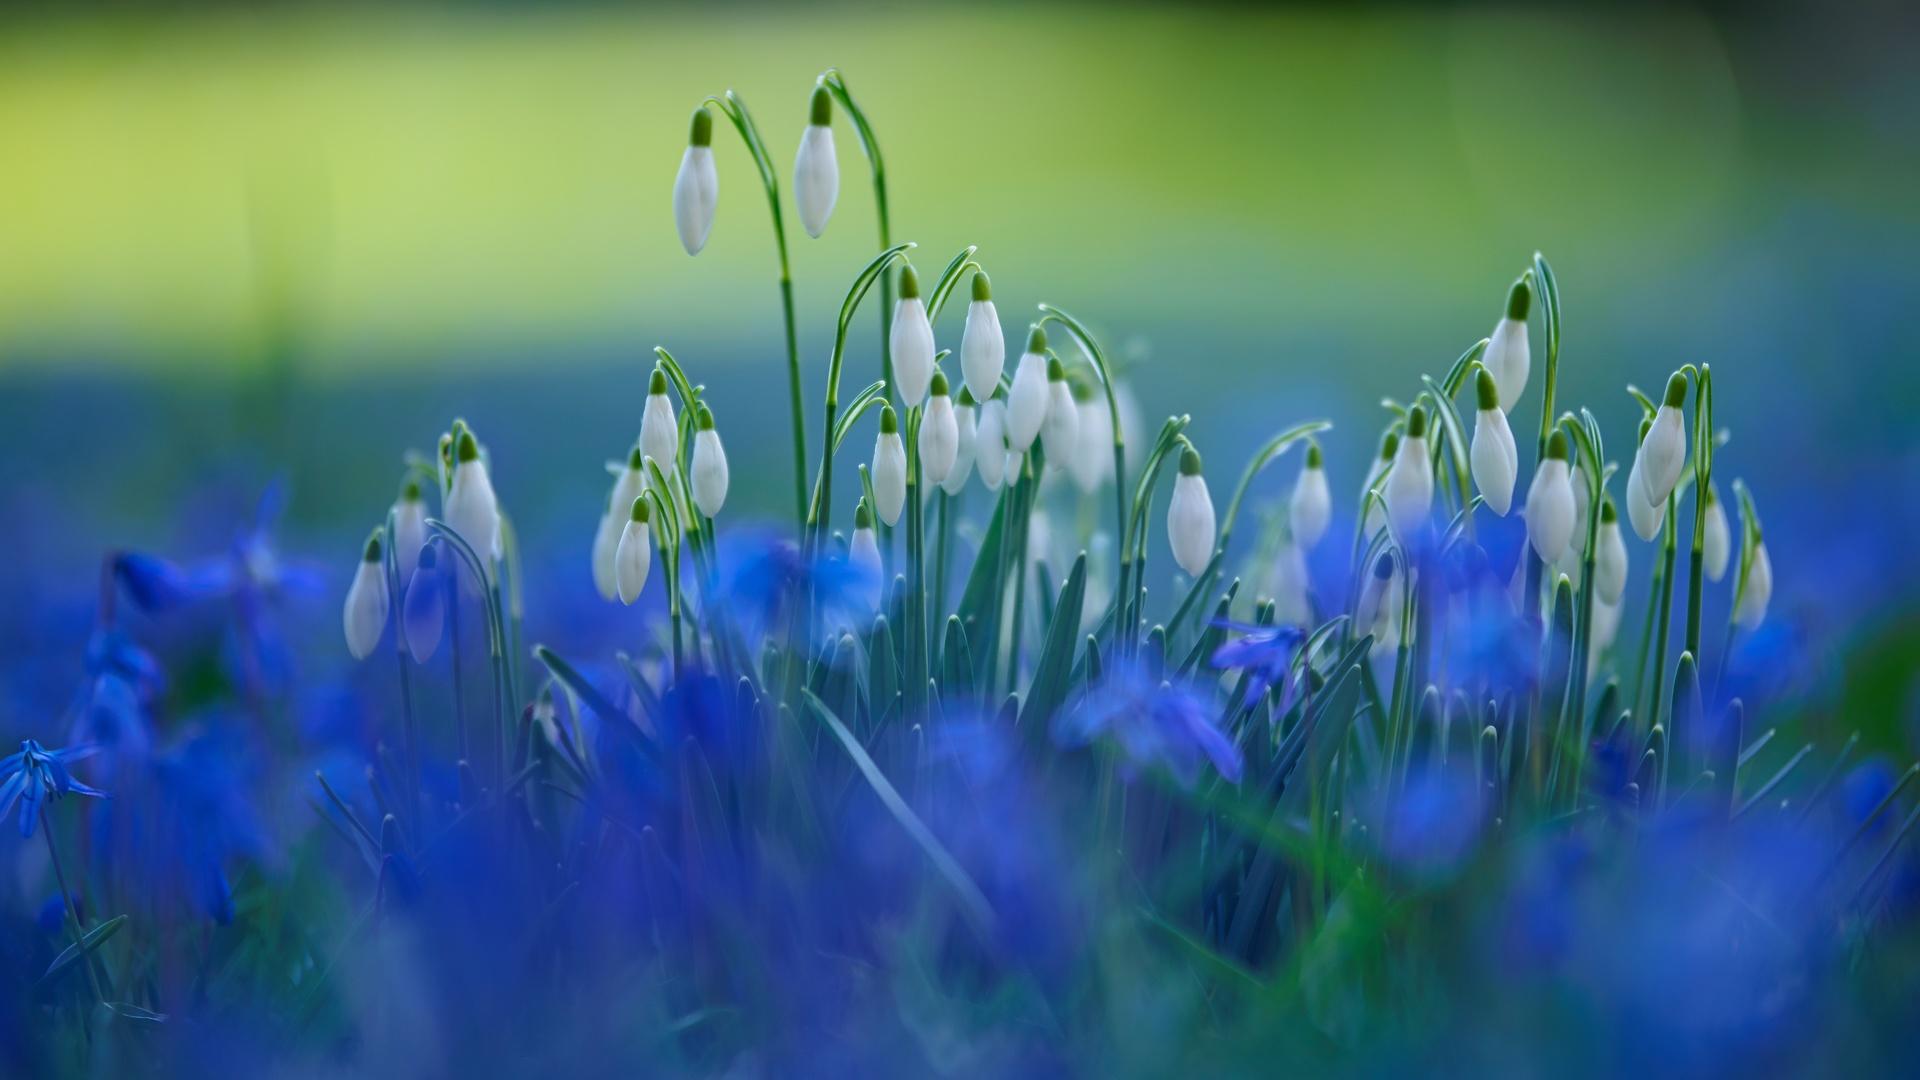 подснежники, весна, цветы